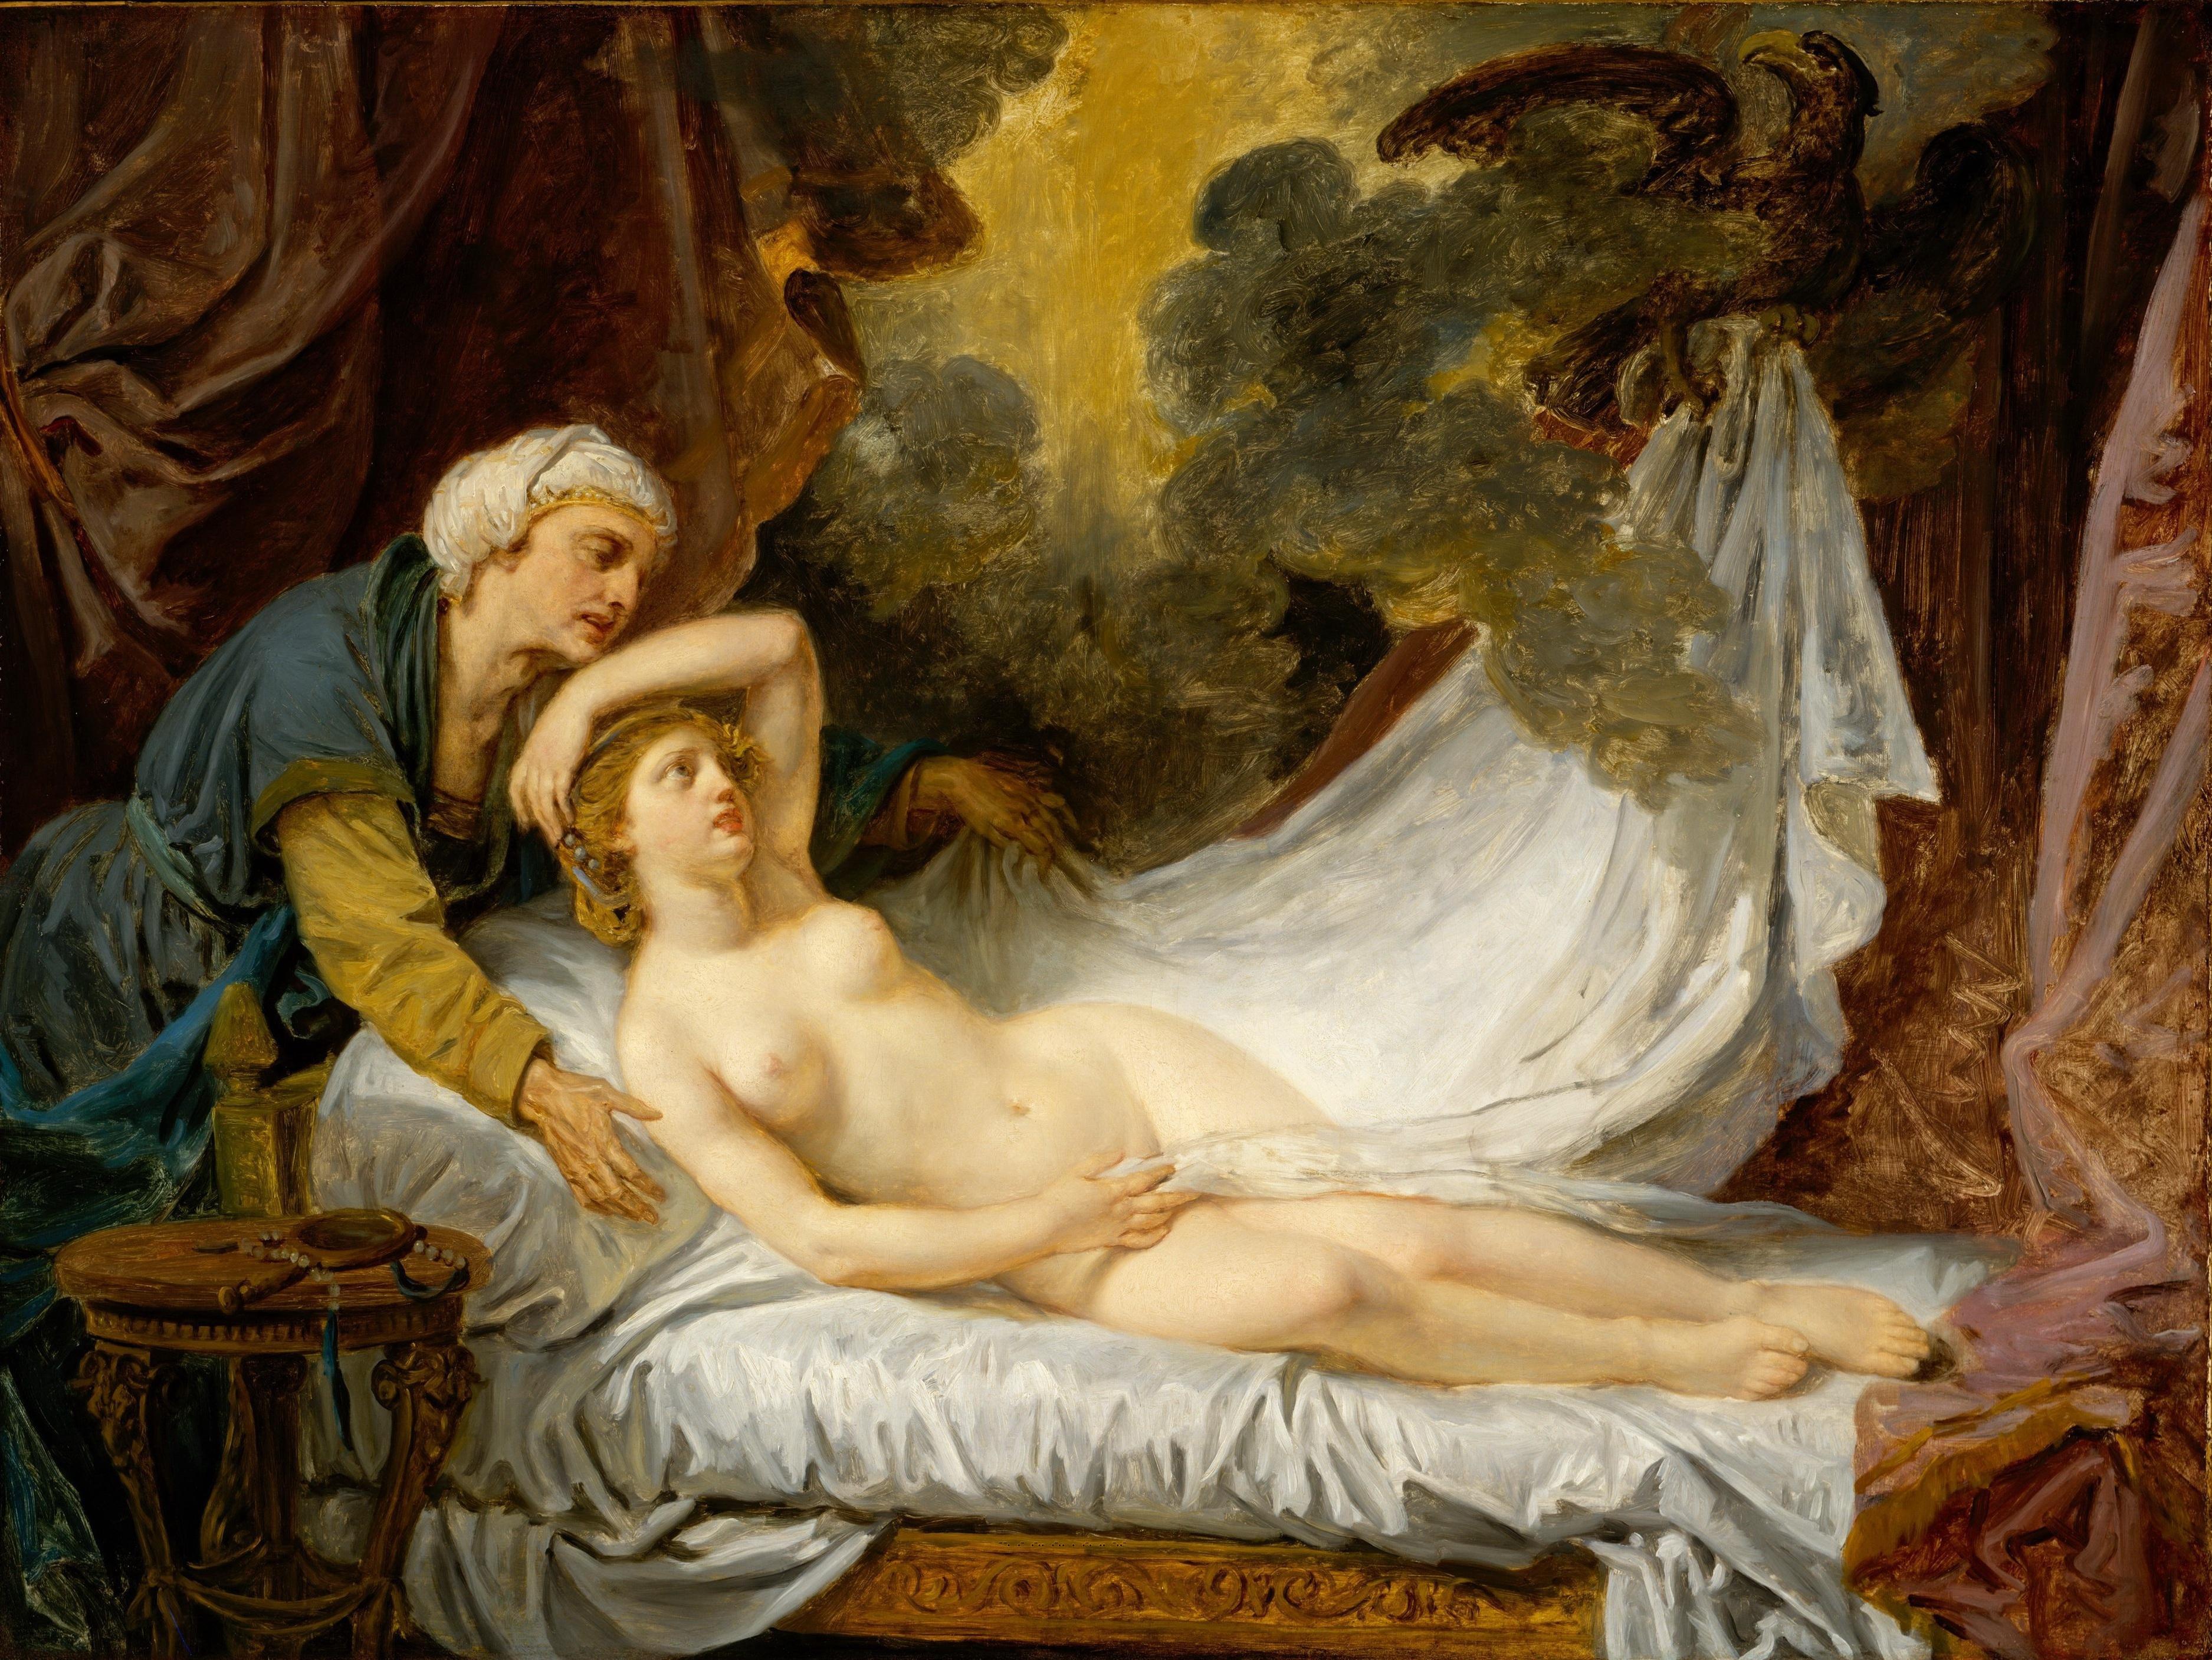 Jean-Baptiste Greuze, 1725-1805. Эгина принимает Юпитера. 1767-1769. Нью-Йорк, Метрополитен